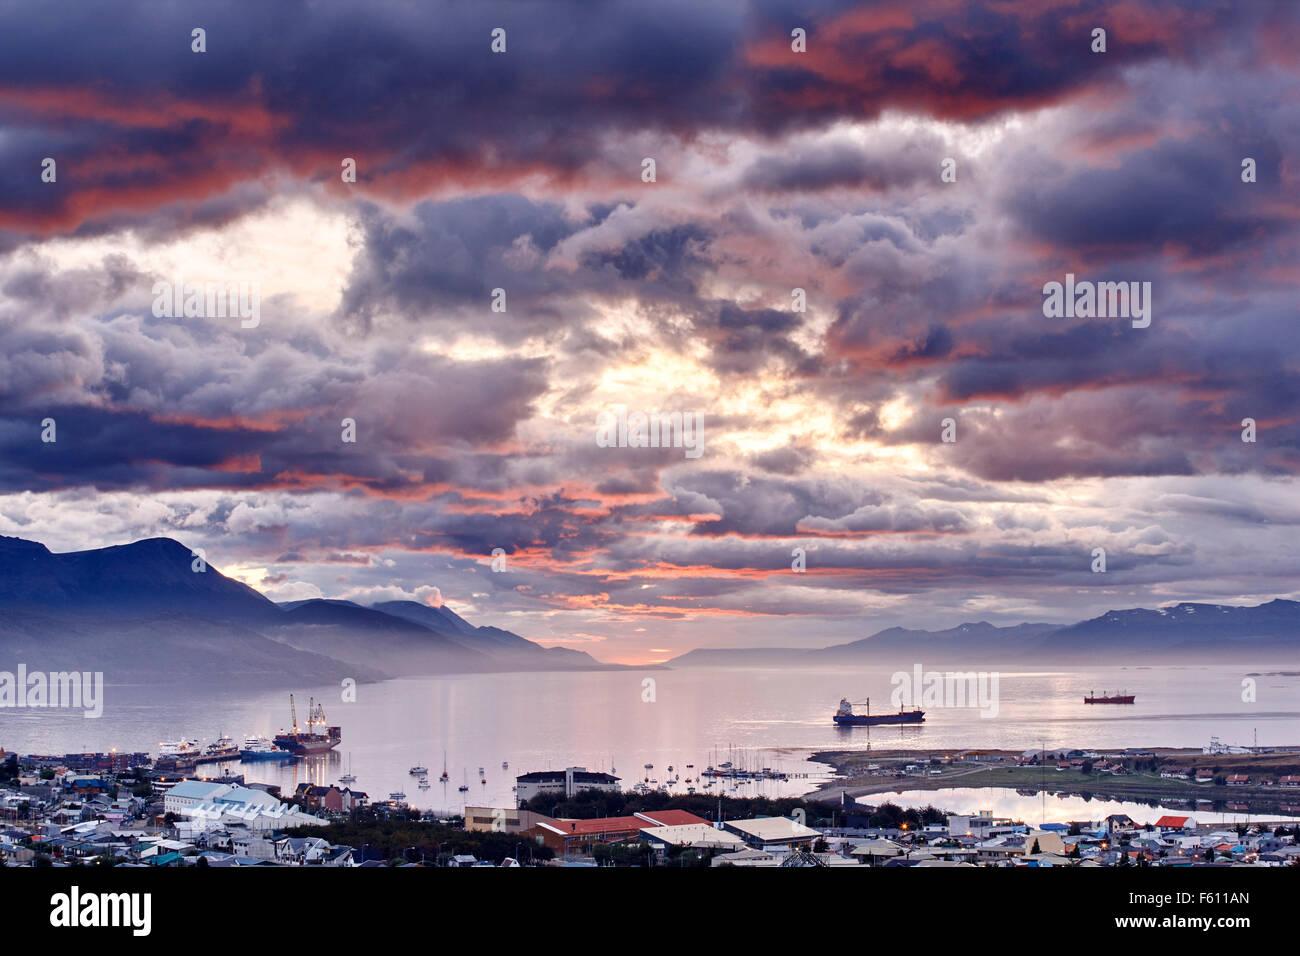 Port of Ushuaia, Tierra del Fuego, Argentina - Stock Image